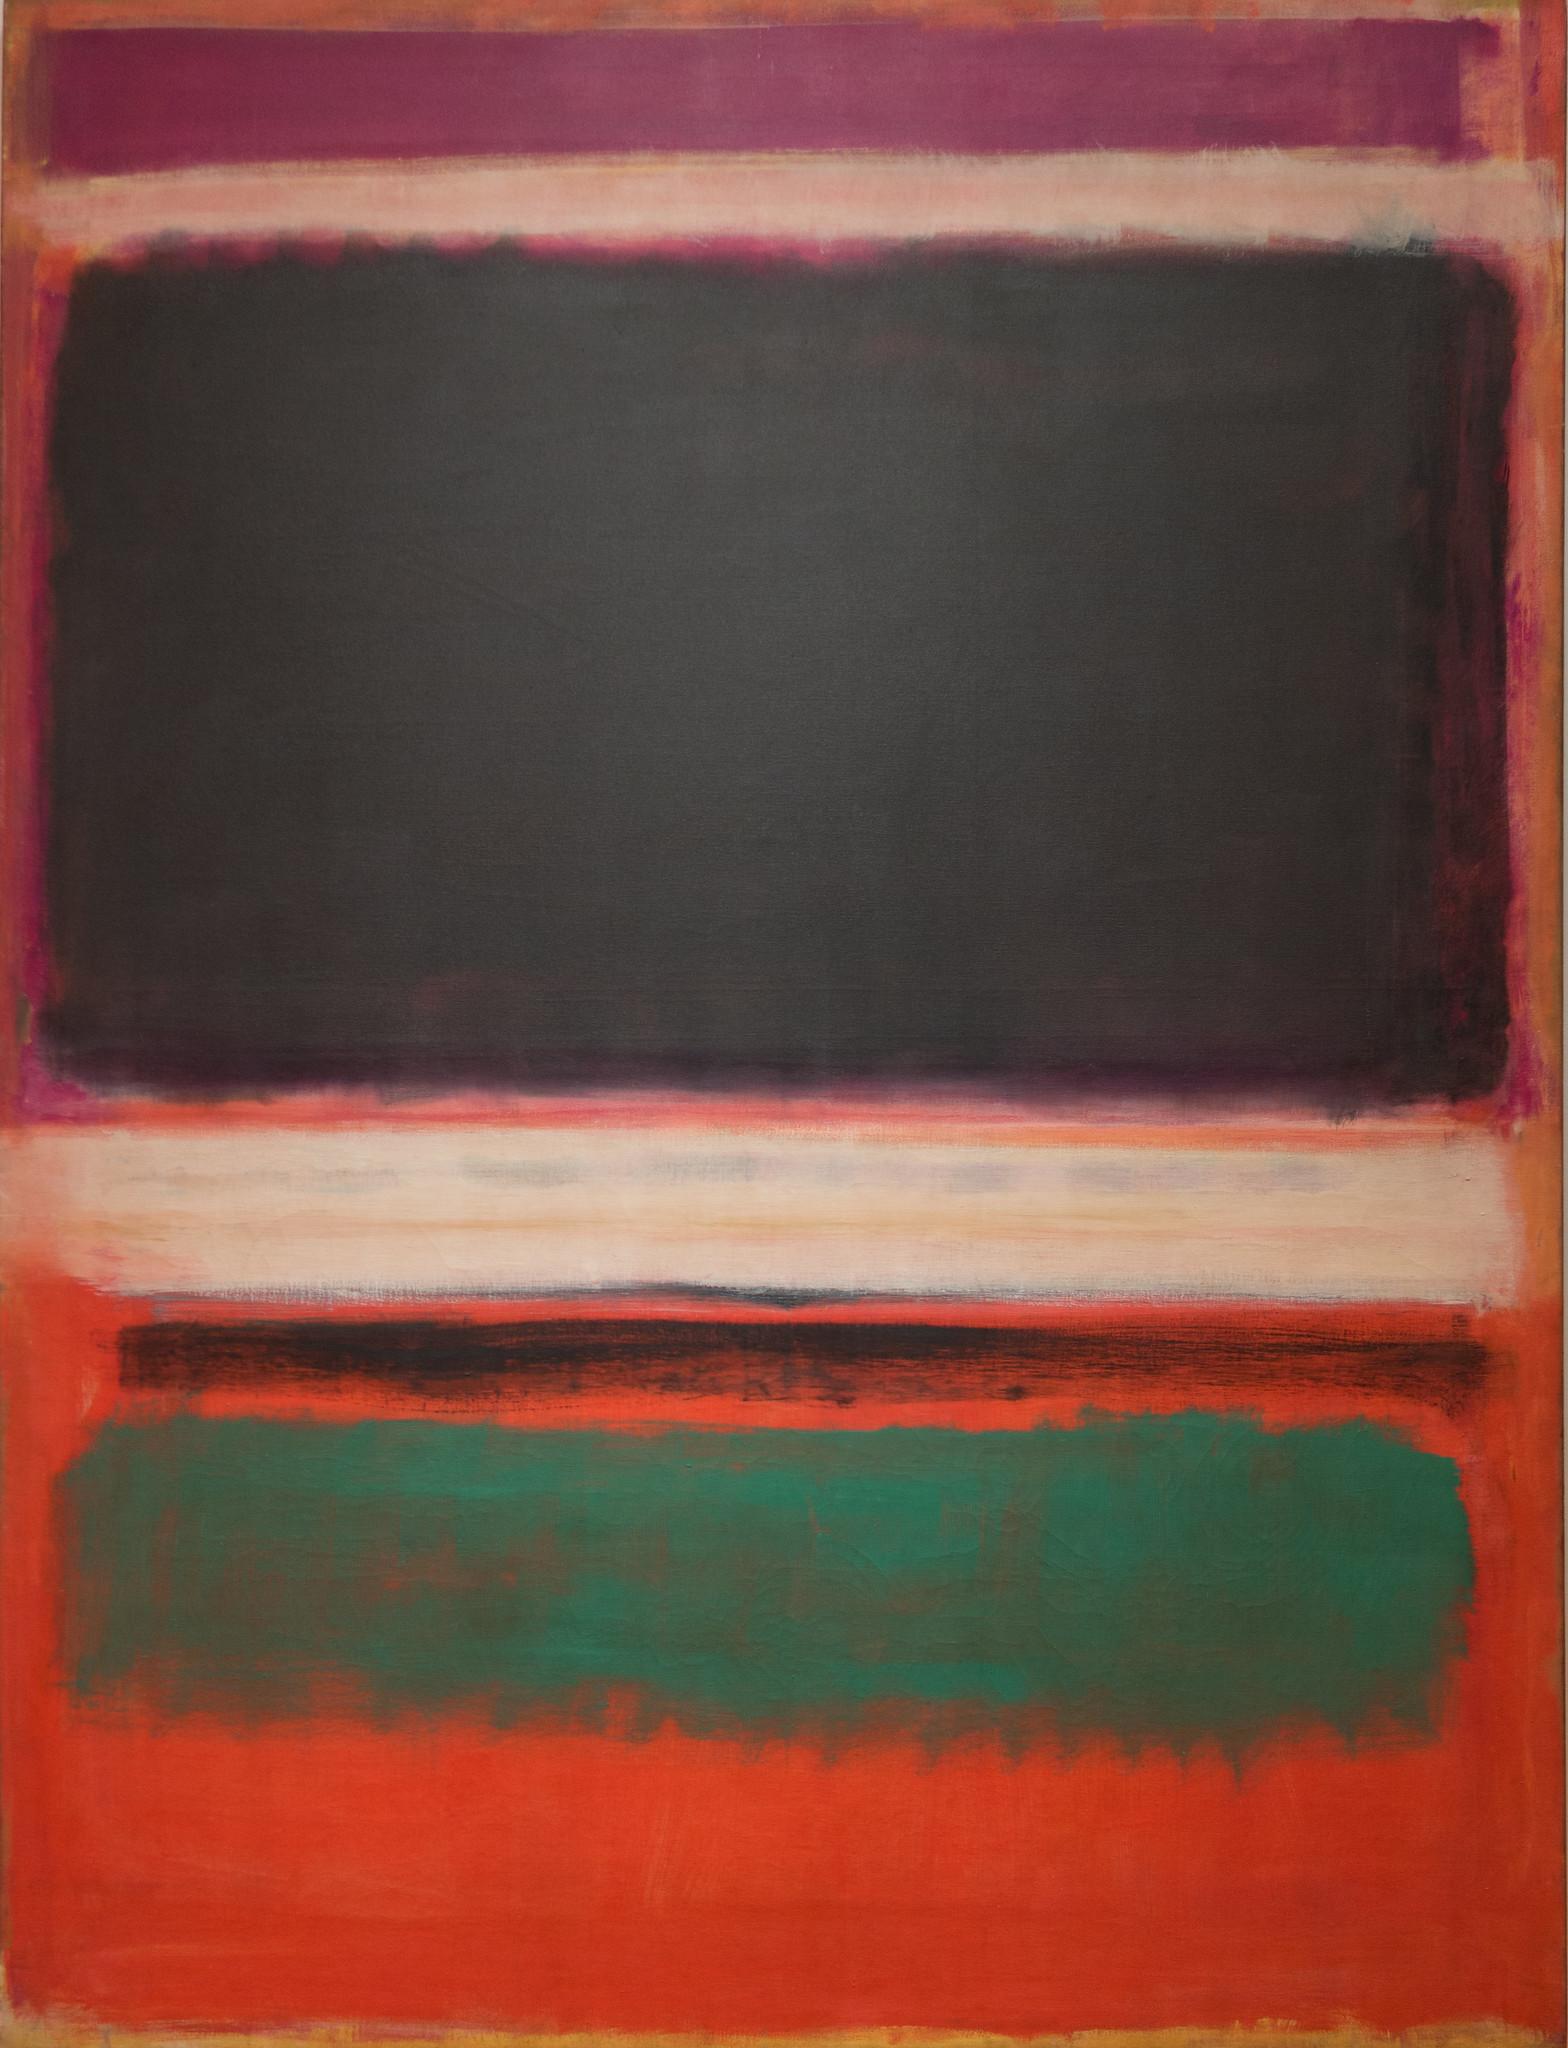 Mark Rothko, No. 3 No. 13 1949, MOMA